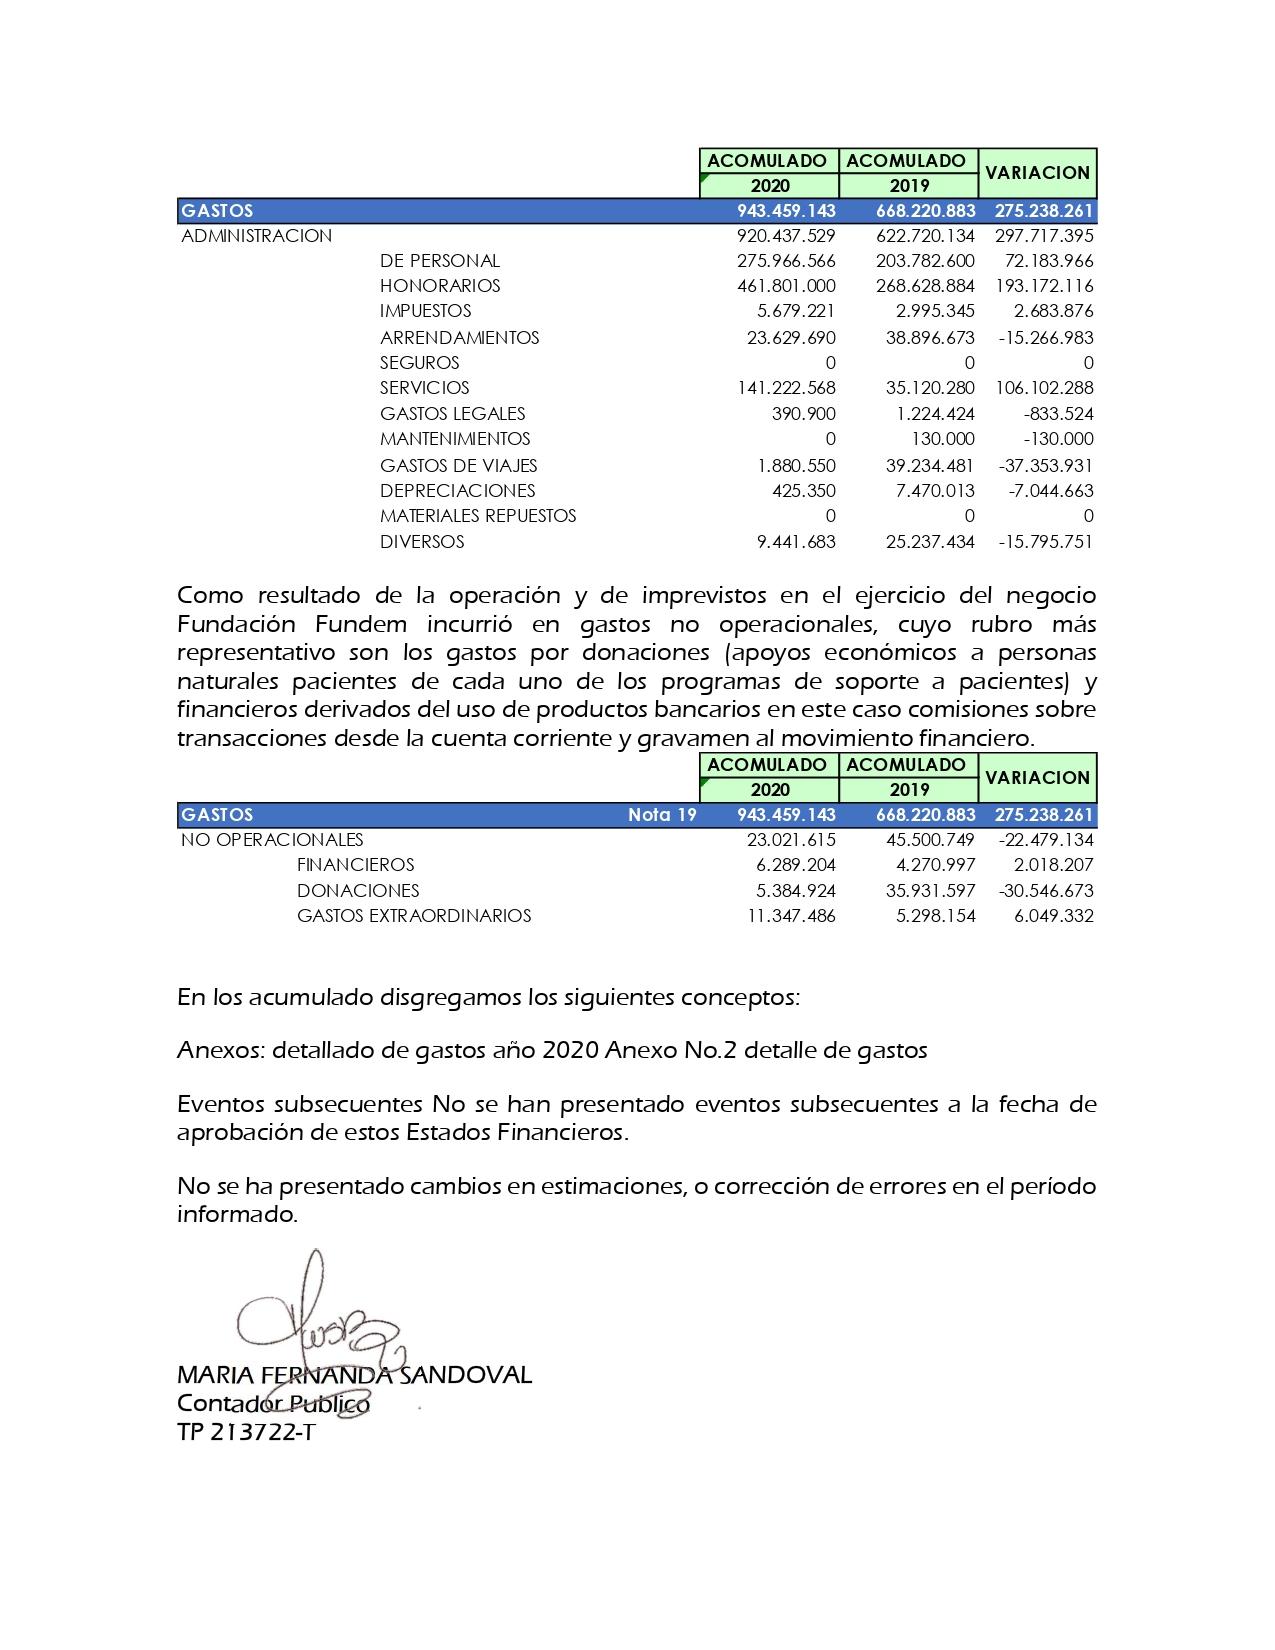 Estados Financieros Fundacion Fundem 2020_page-0034